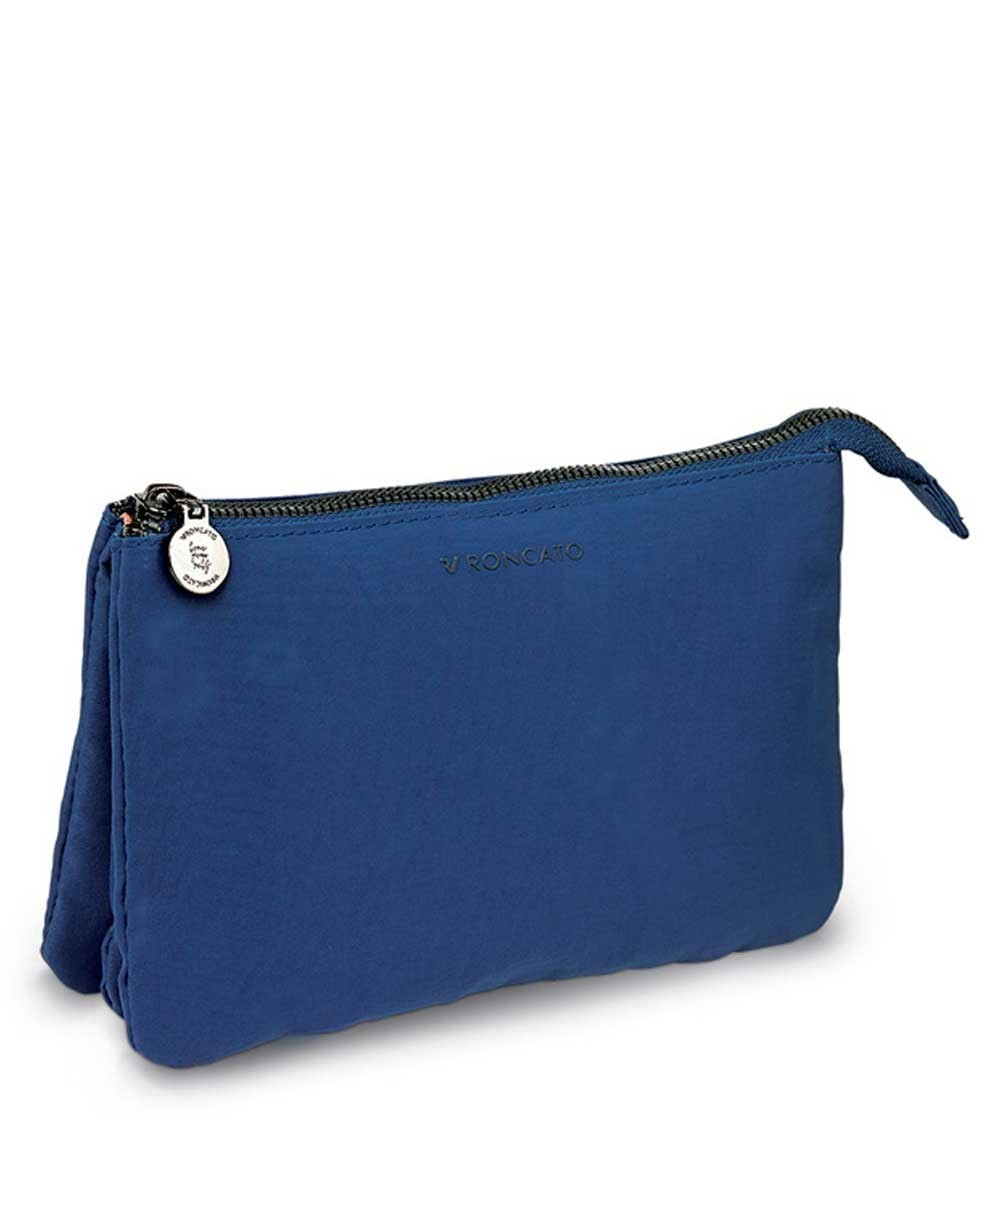 Roncato Madame Neceser Azul (Foto )